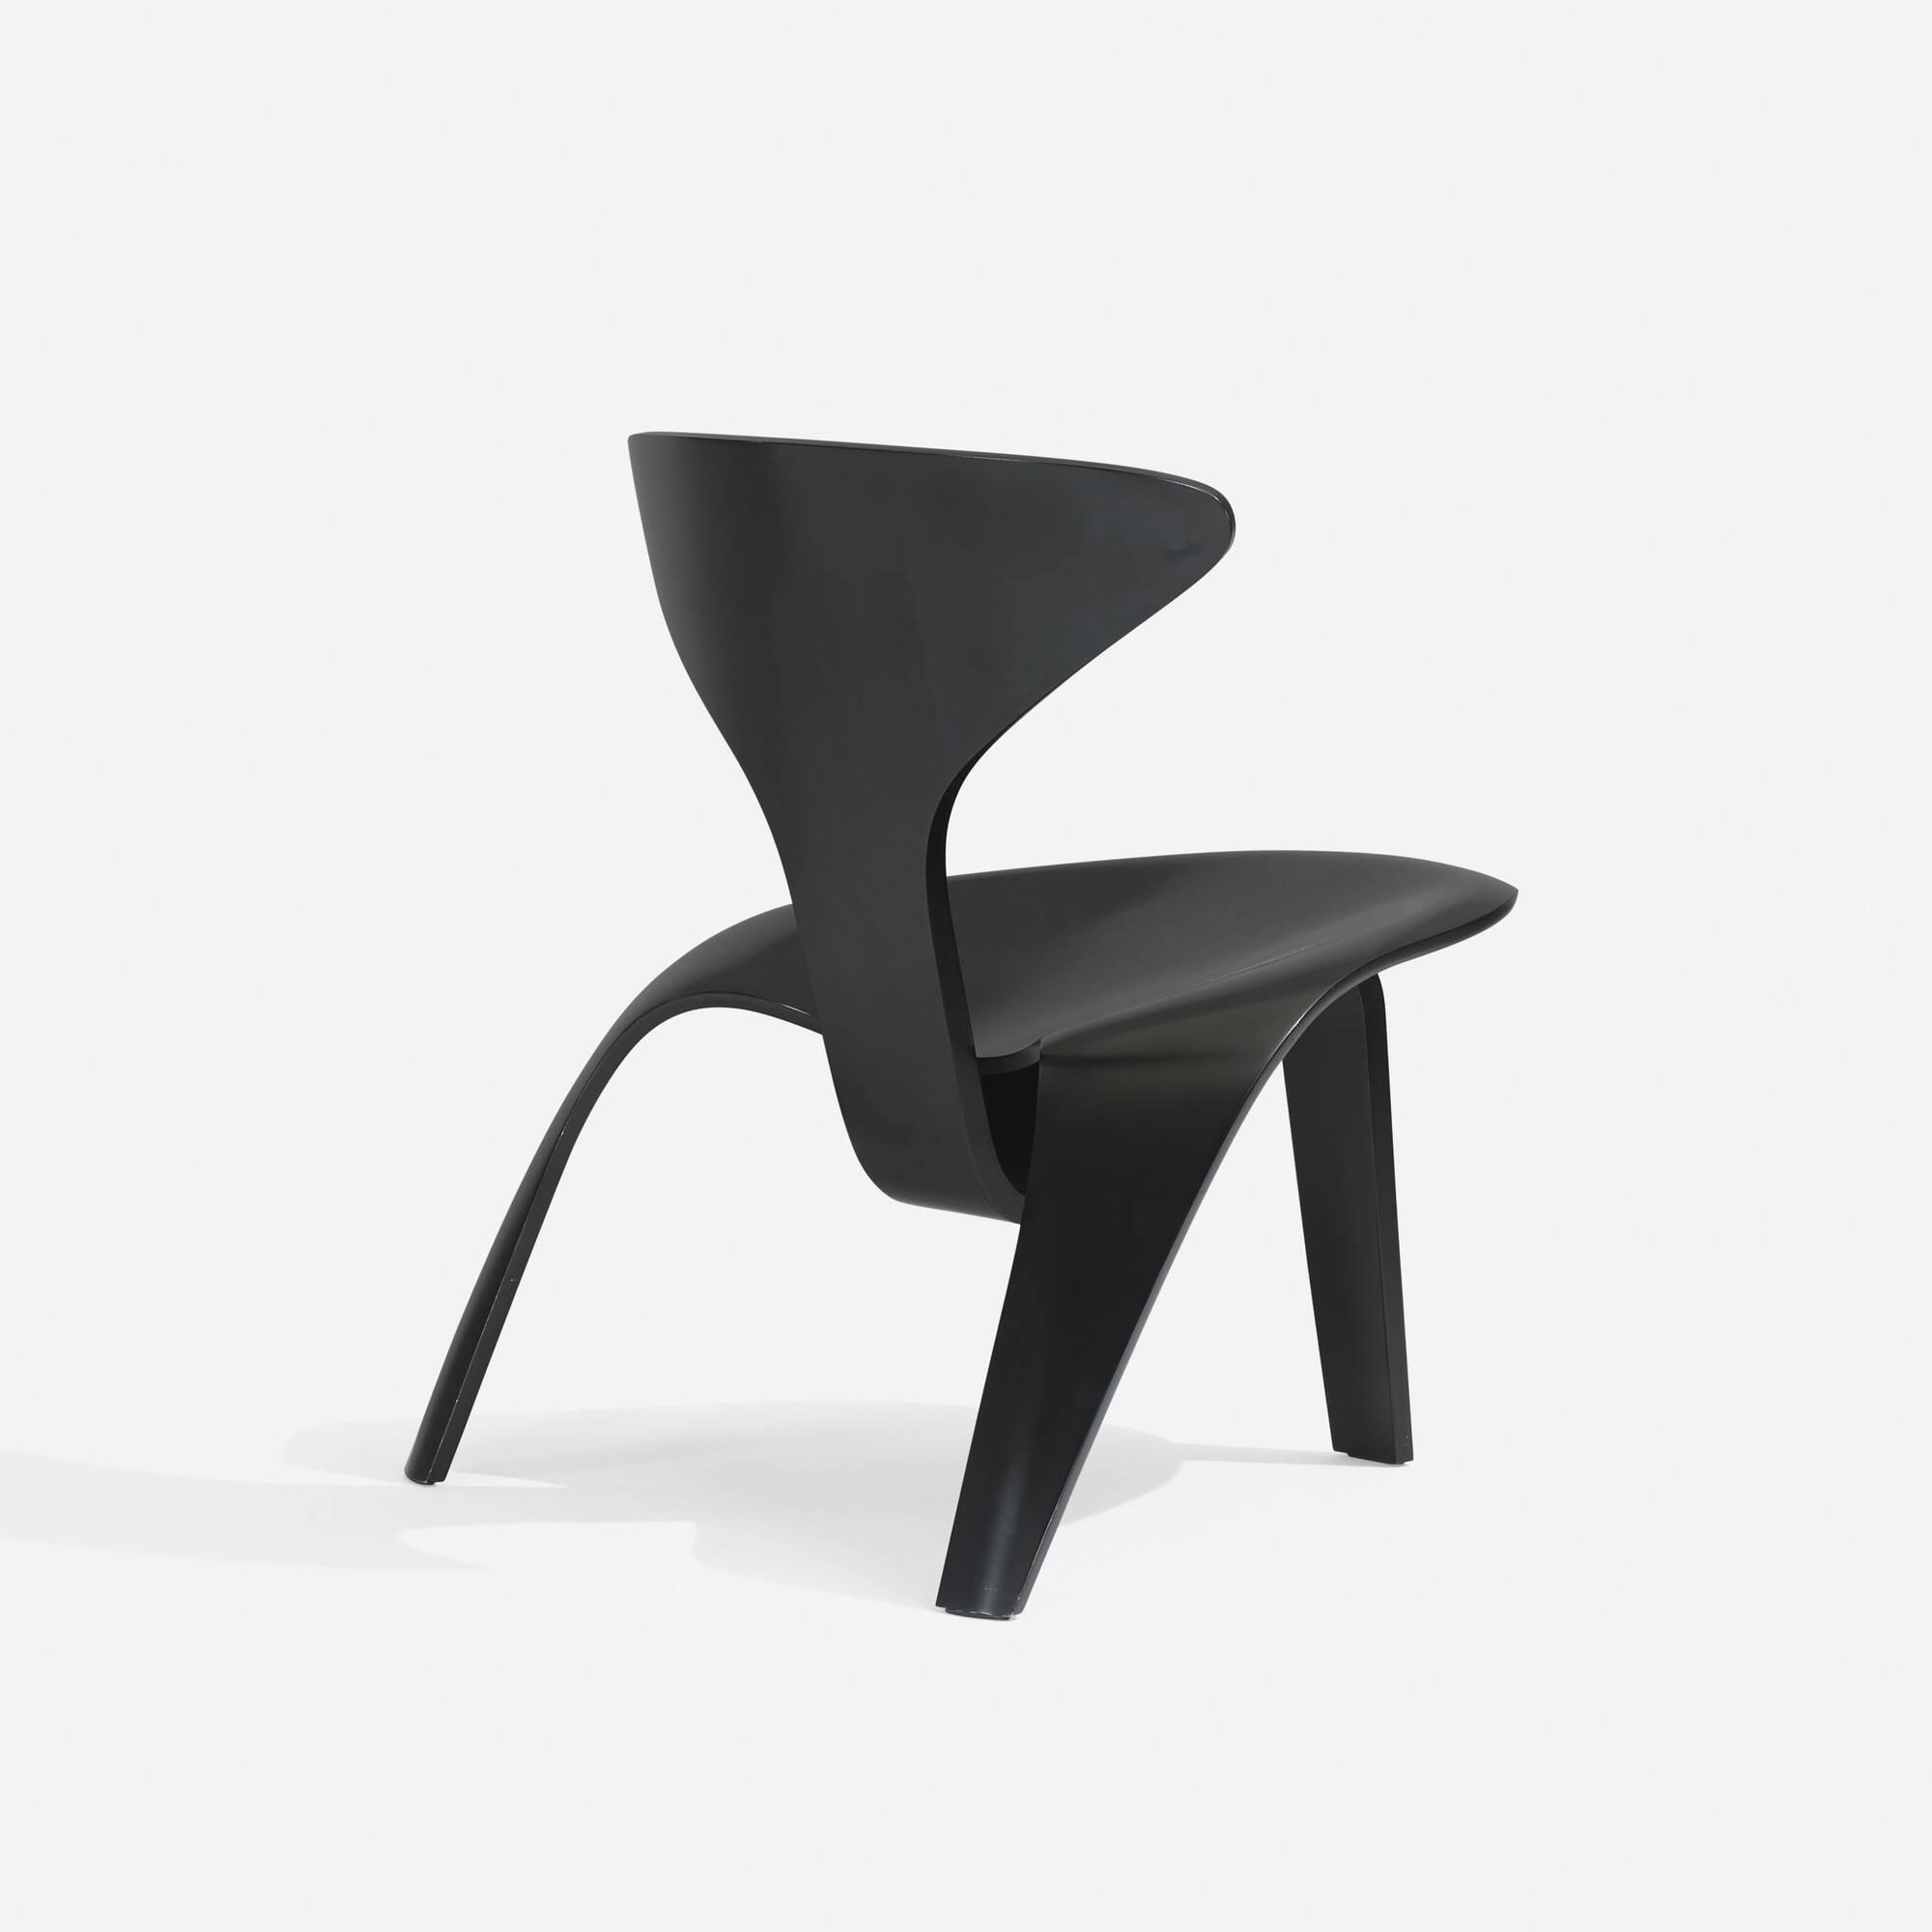 346 Poul Kjaerholm Pk 0 Lounge Chair